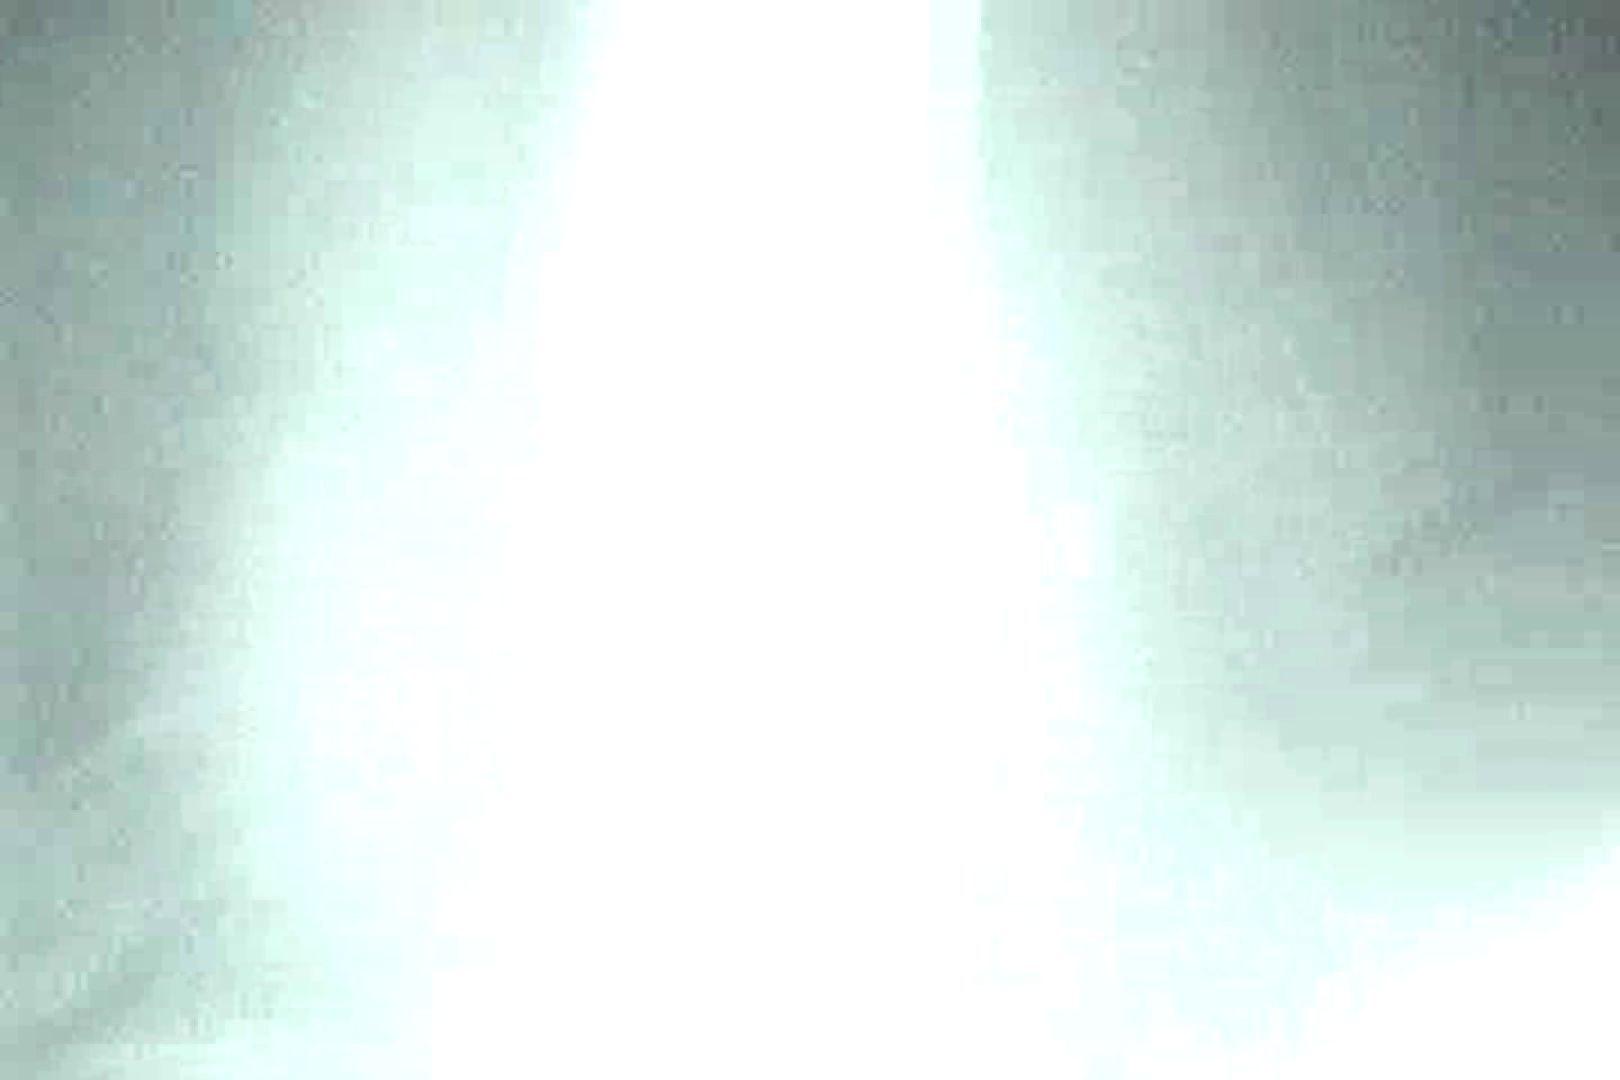 充血監督の深夜の運動会Vol.106 OL  94枚 1